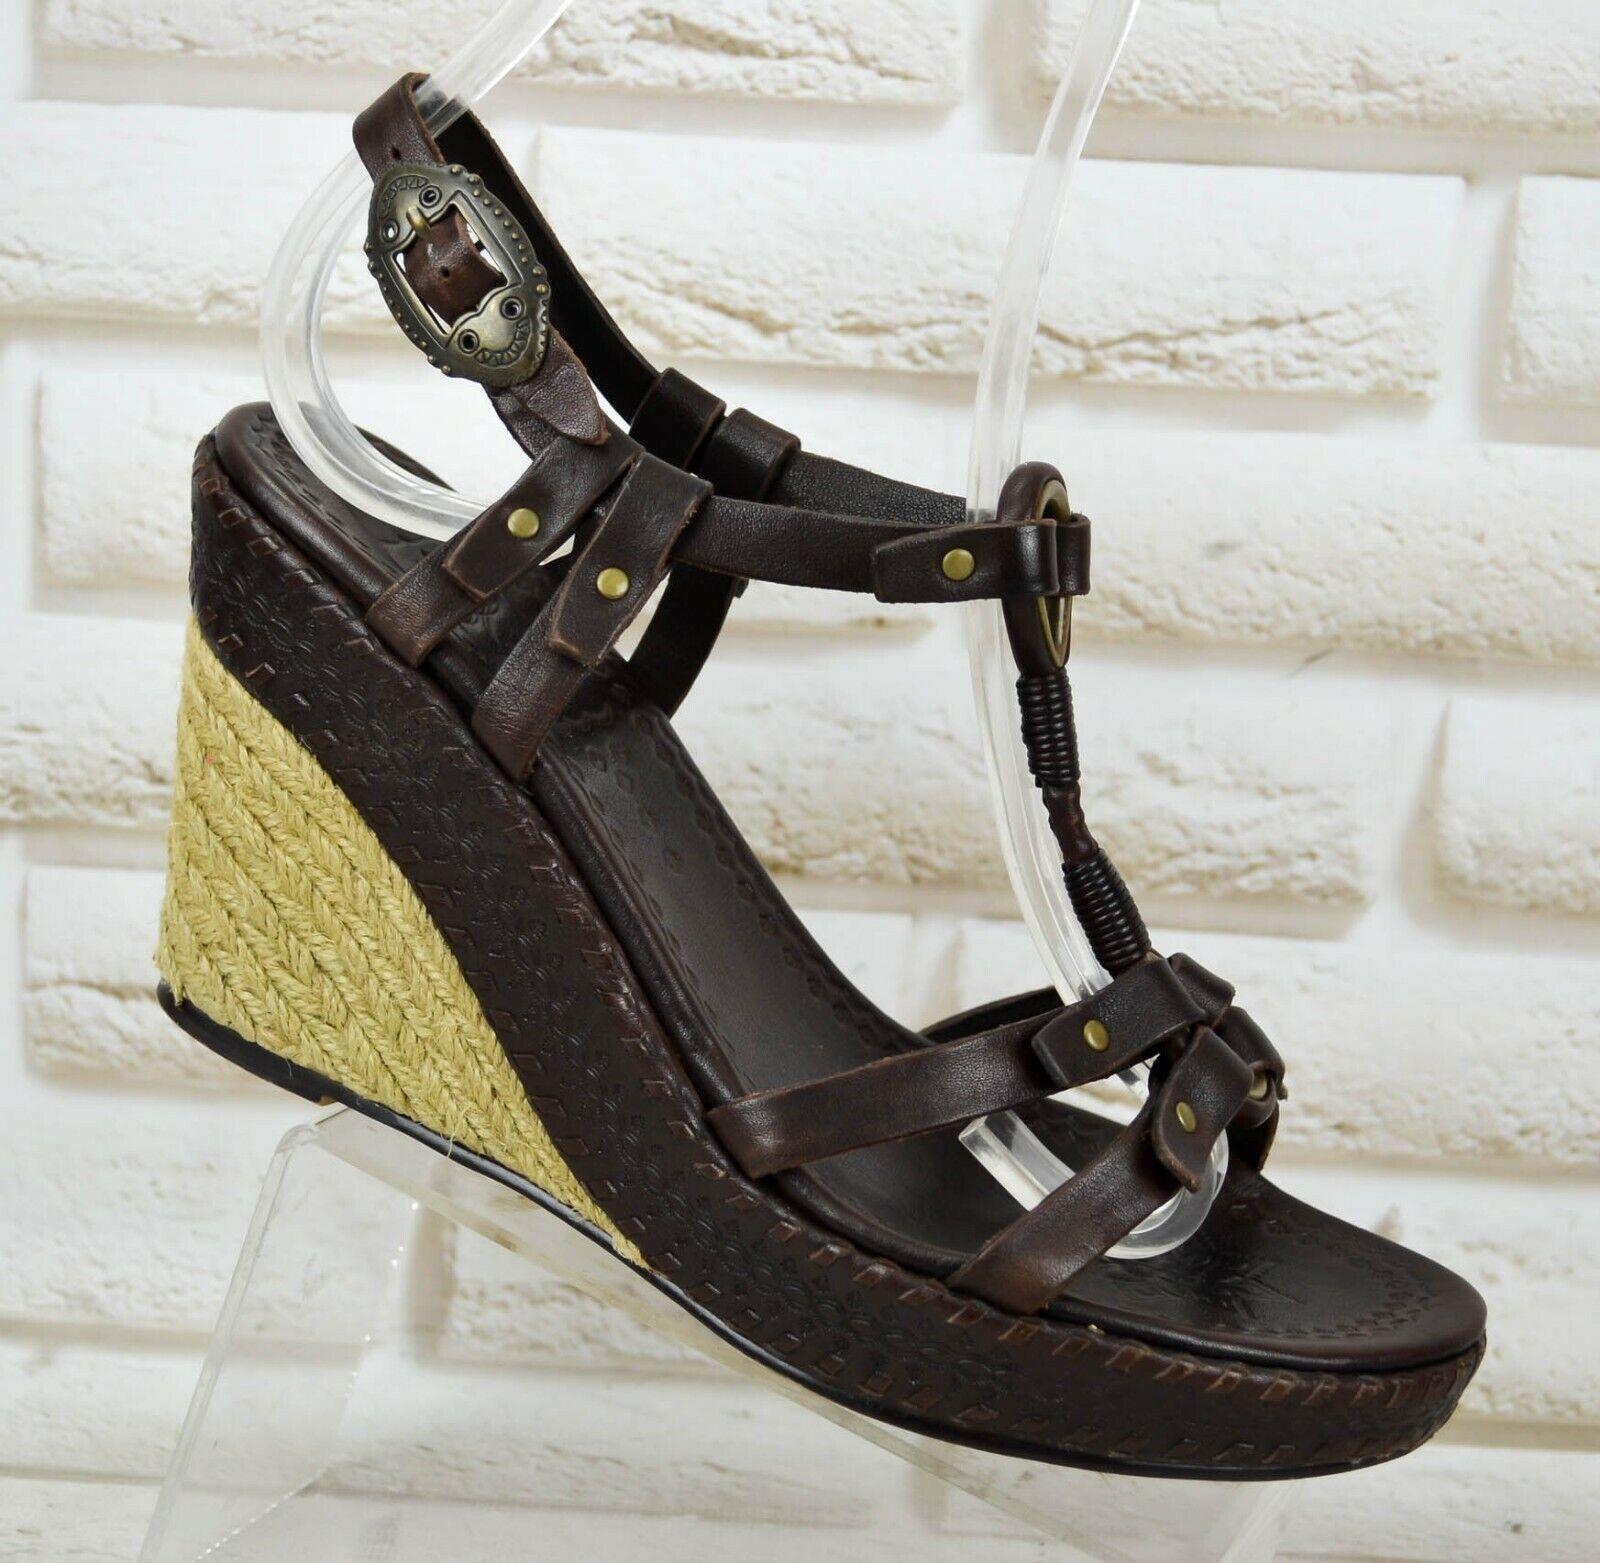 ASH braun Leather damen Wedge Casual Summer schuhe Sandals Heels Größe 5 UK 38 EU